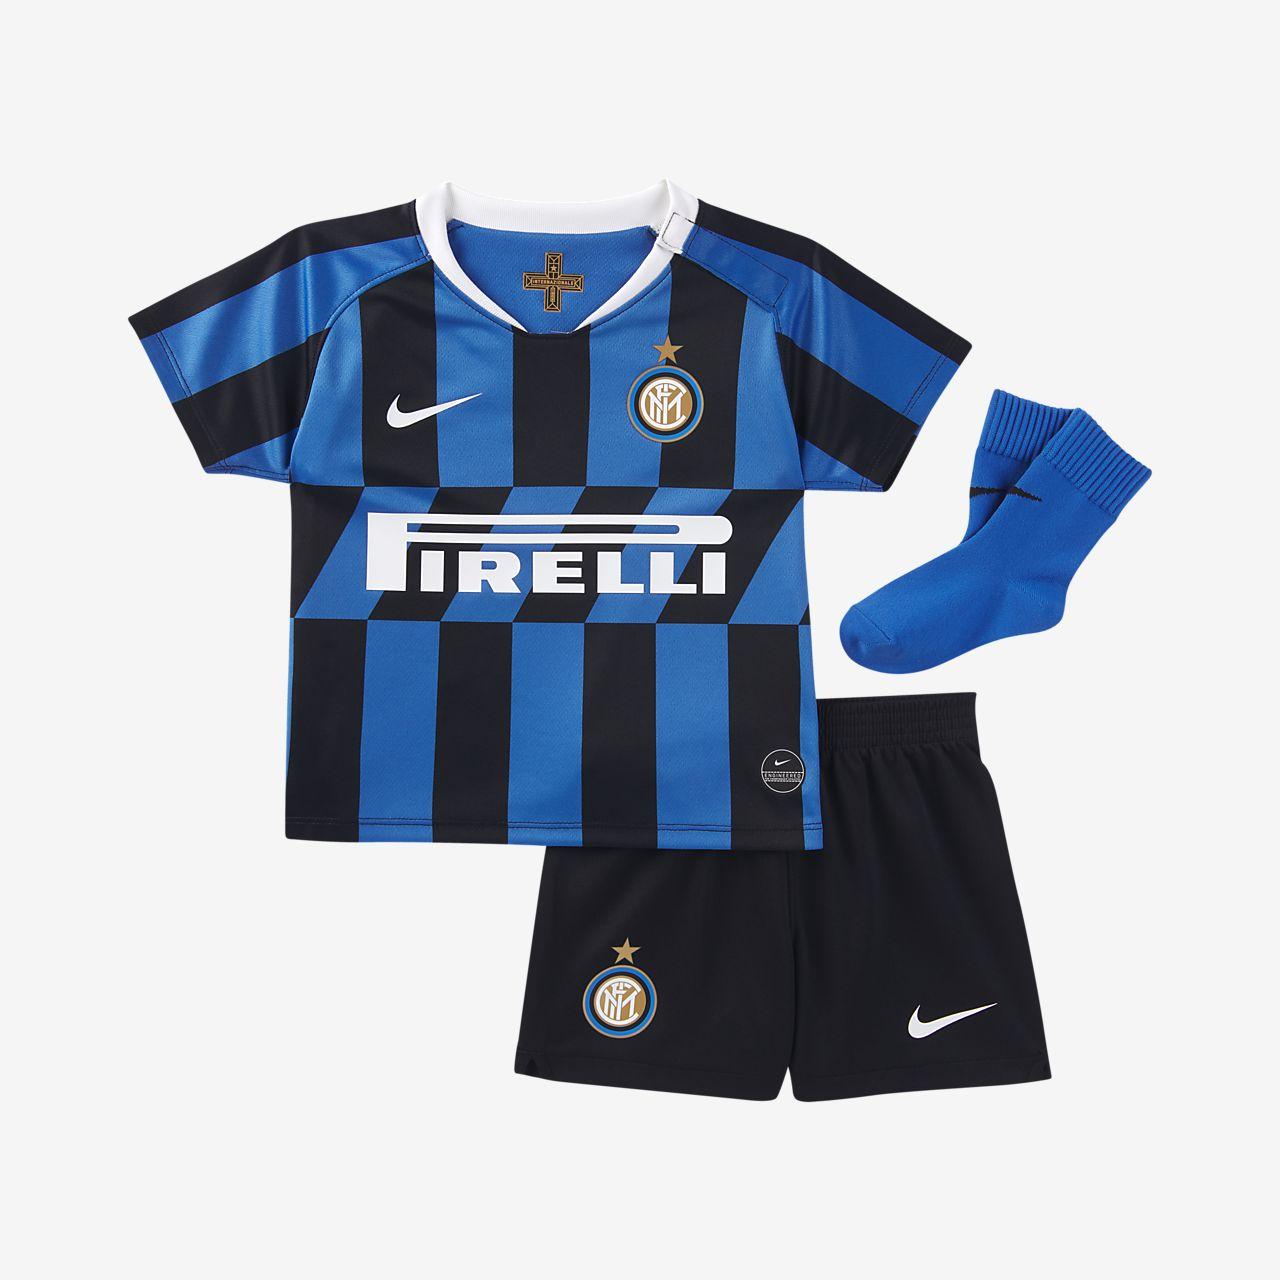 Fotbollsställ Inter Milan 2019/20 Home för baby/små barn